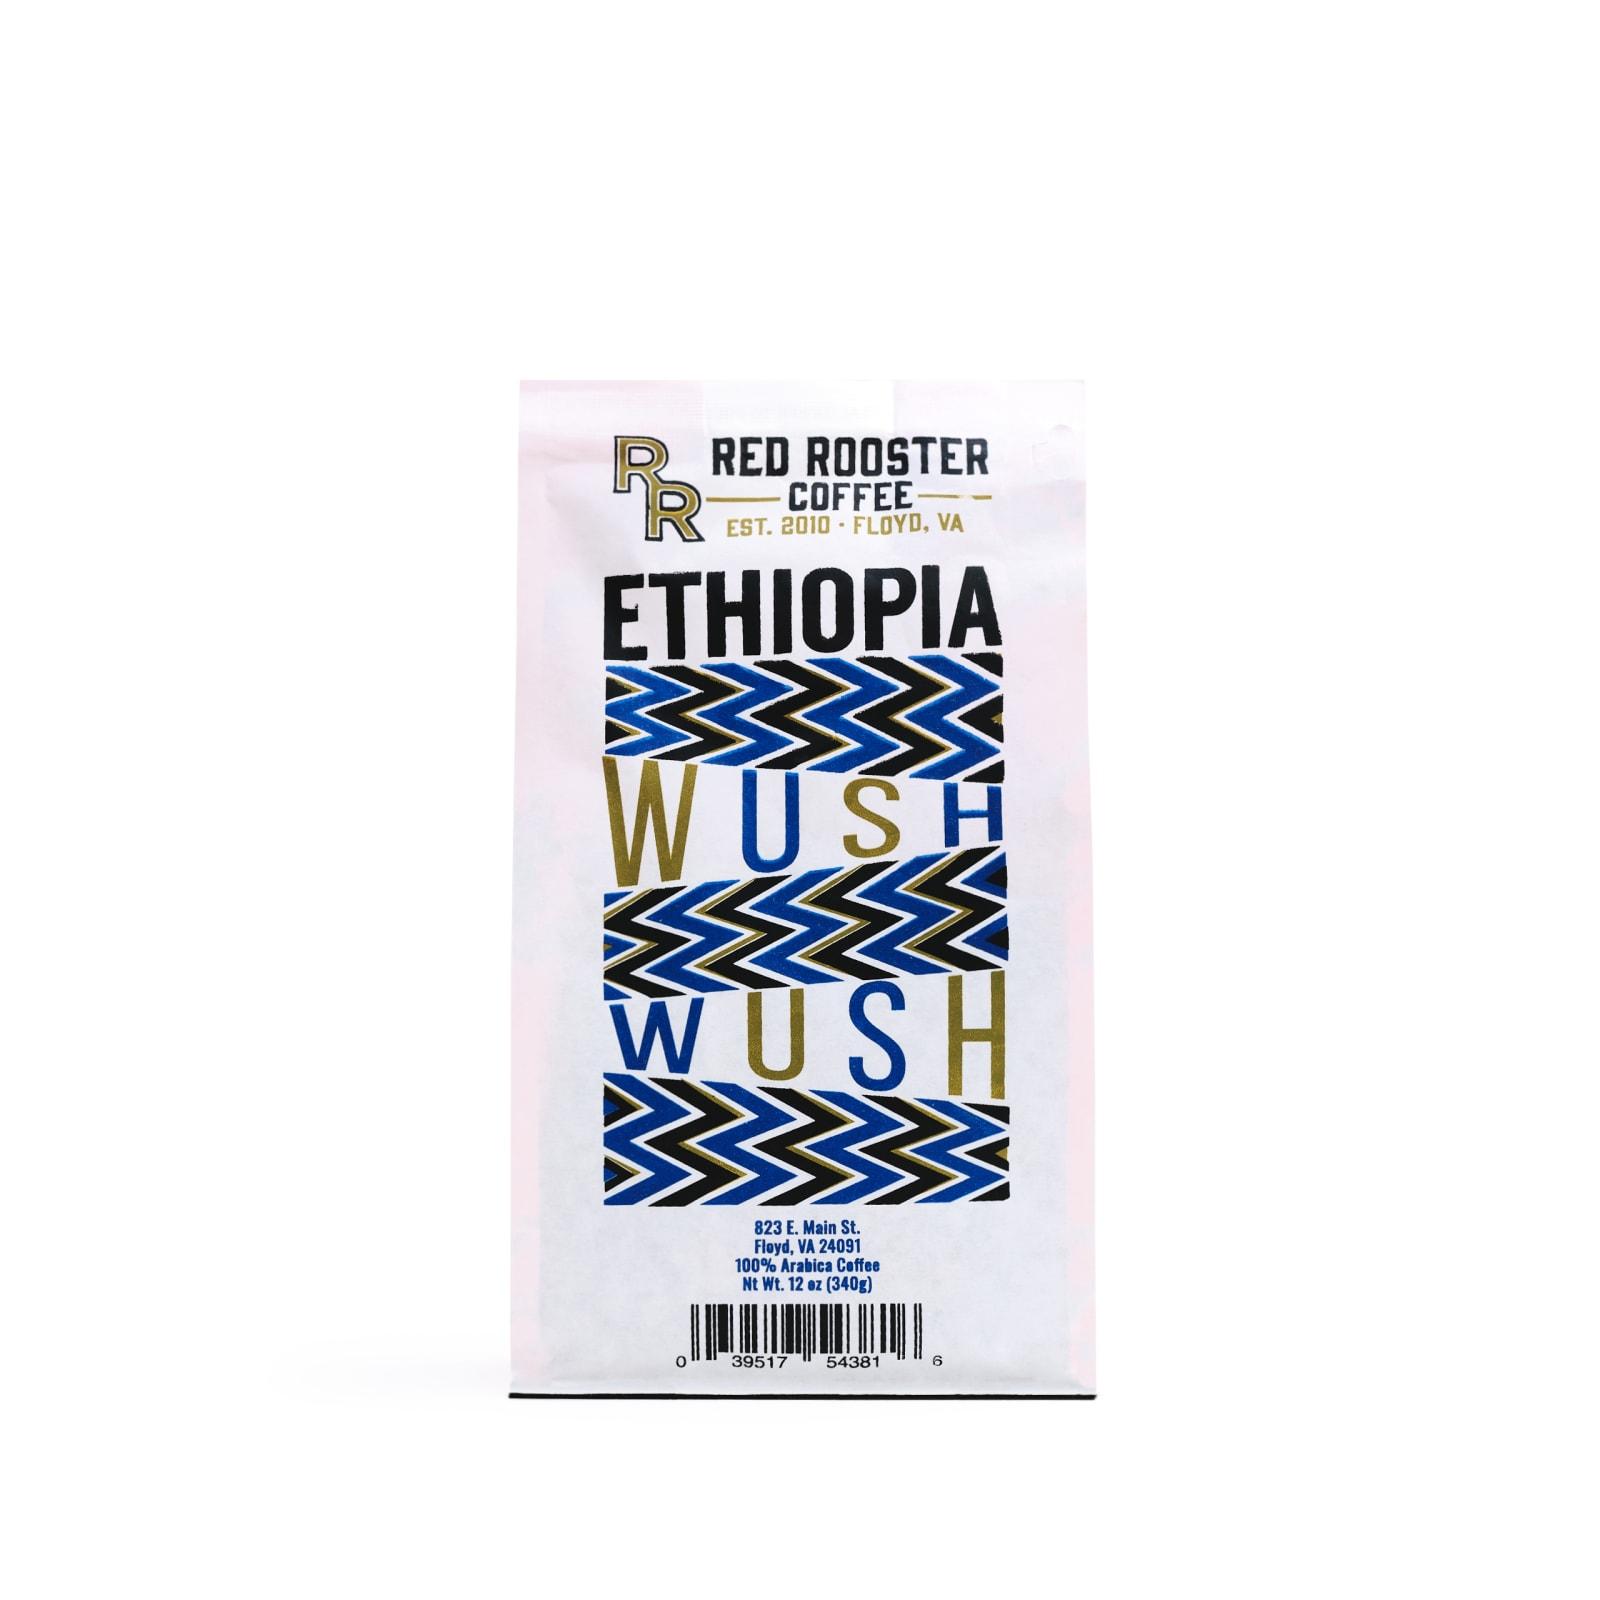 Ethiopia Wush Wush